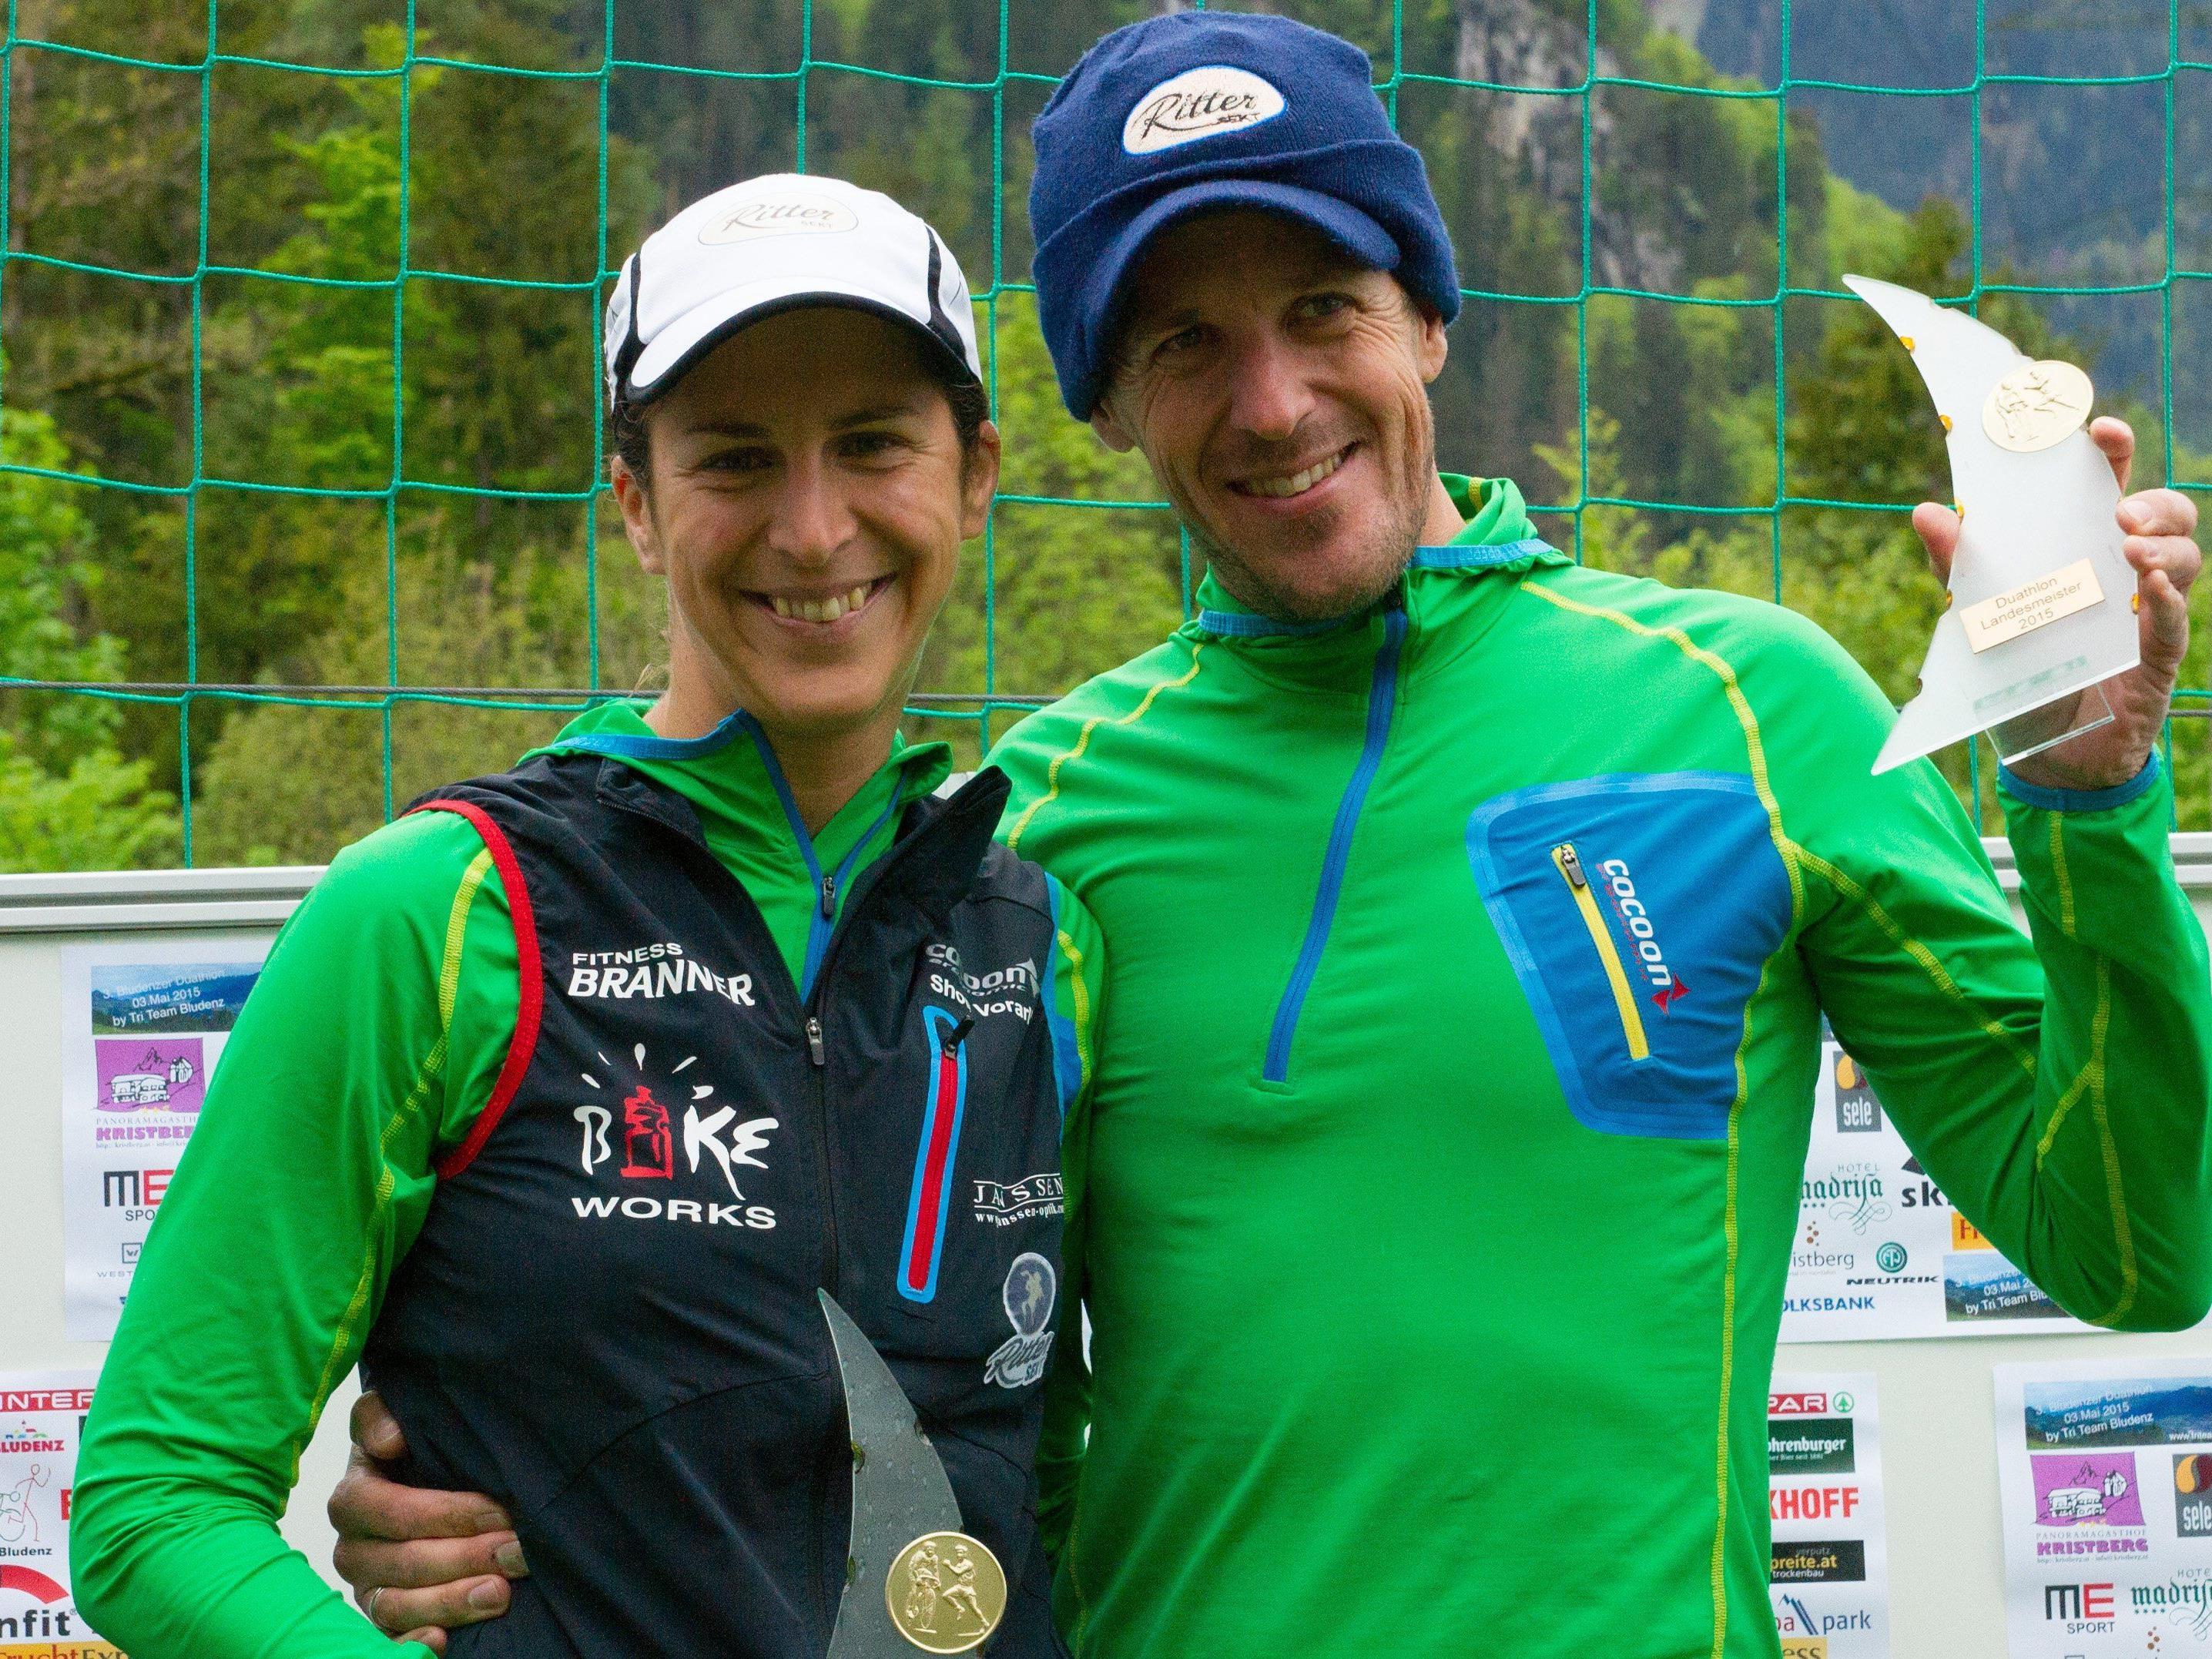 Sabine und Mathias Buxhofer holten sich den Landestitel im Duathlon in Bludenz